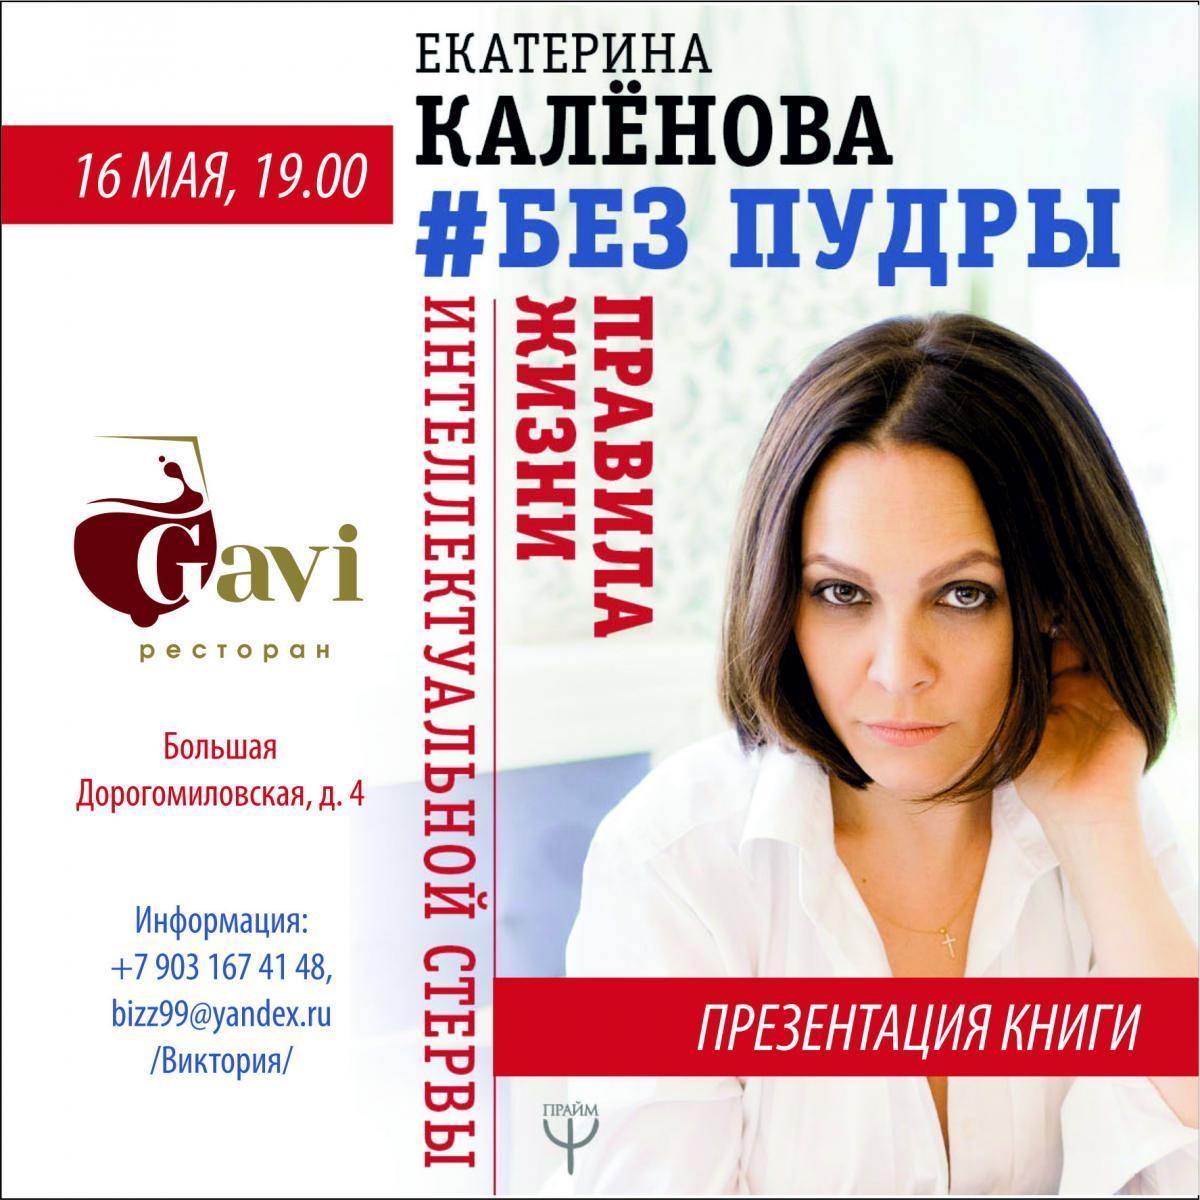 Презентация книги Екатерины Каленовой: «#Безпудры: Правила жизни интеллектуальной стервы»